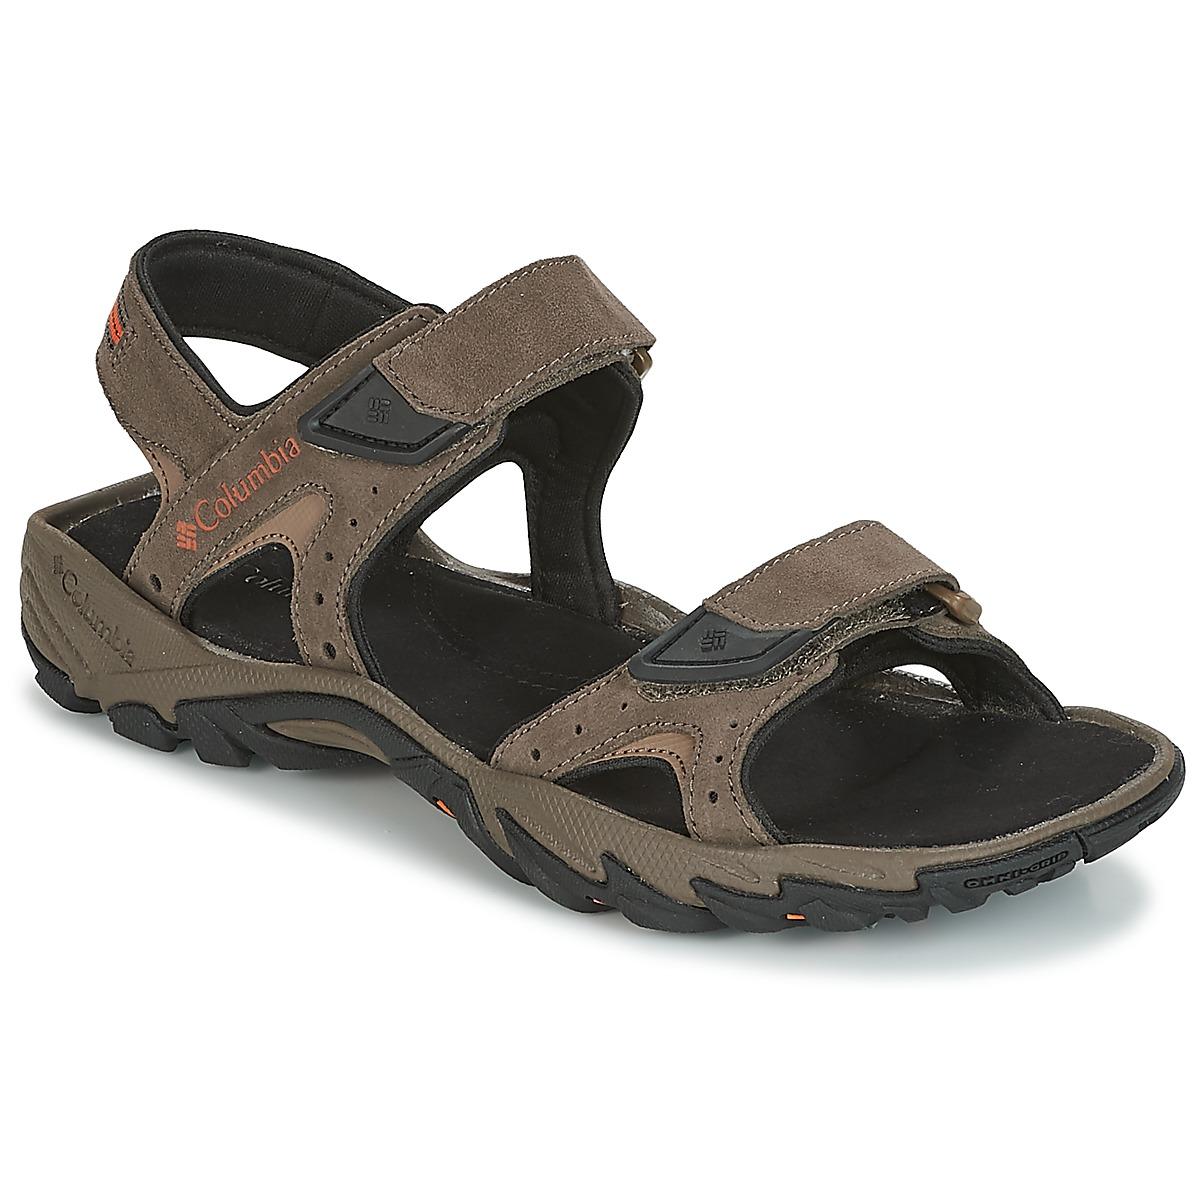 Columbia SANTIAM™ 2 STRAP Braun - Kostenloser Versand bei Spartoode ! - Schuhe Sportliche Sandalen Herren 59,99 €